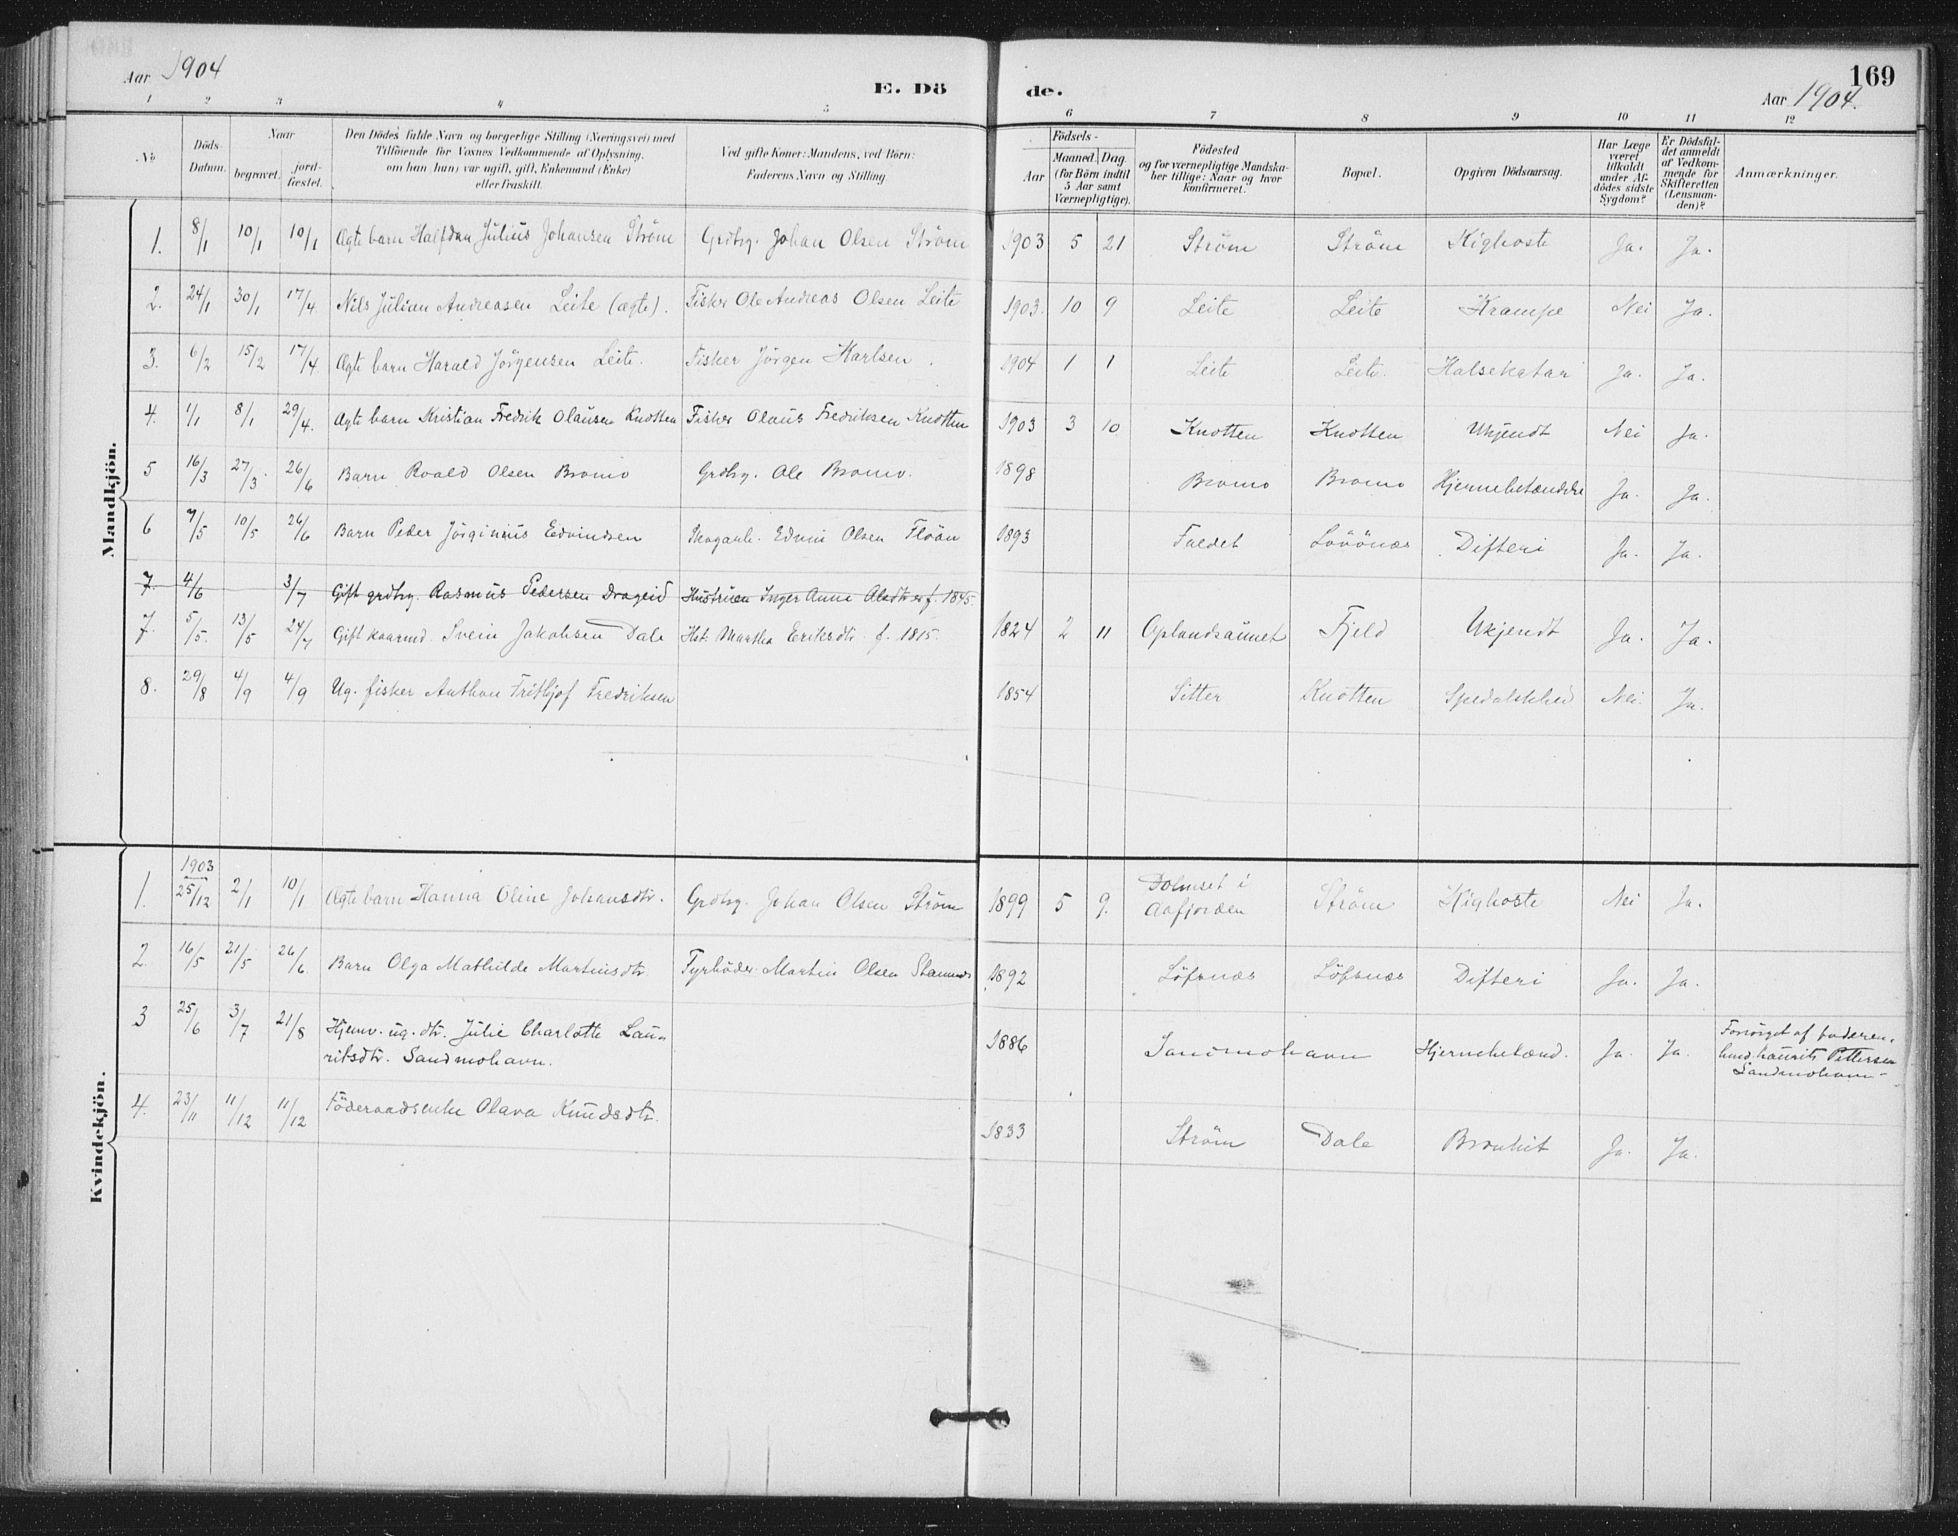 SAT, Ministerialprotokoller, klokkerbøker og fødselsregistre - Nord-Trøndelag, 772/L0603: Ministerialbok nr. 772A01, 1885-1912, s. 169